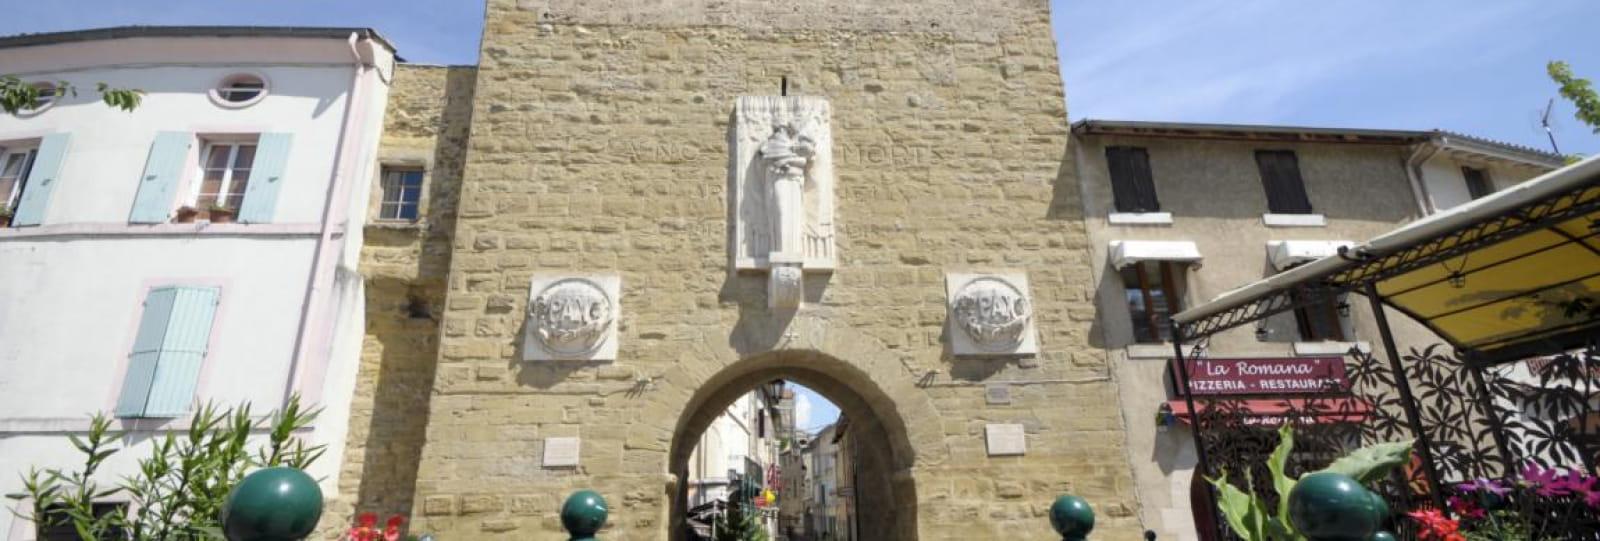 Valence Romans Tourisme : antenne de Chabeuil